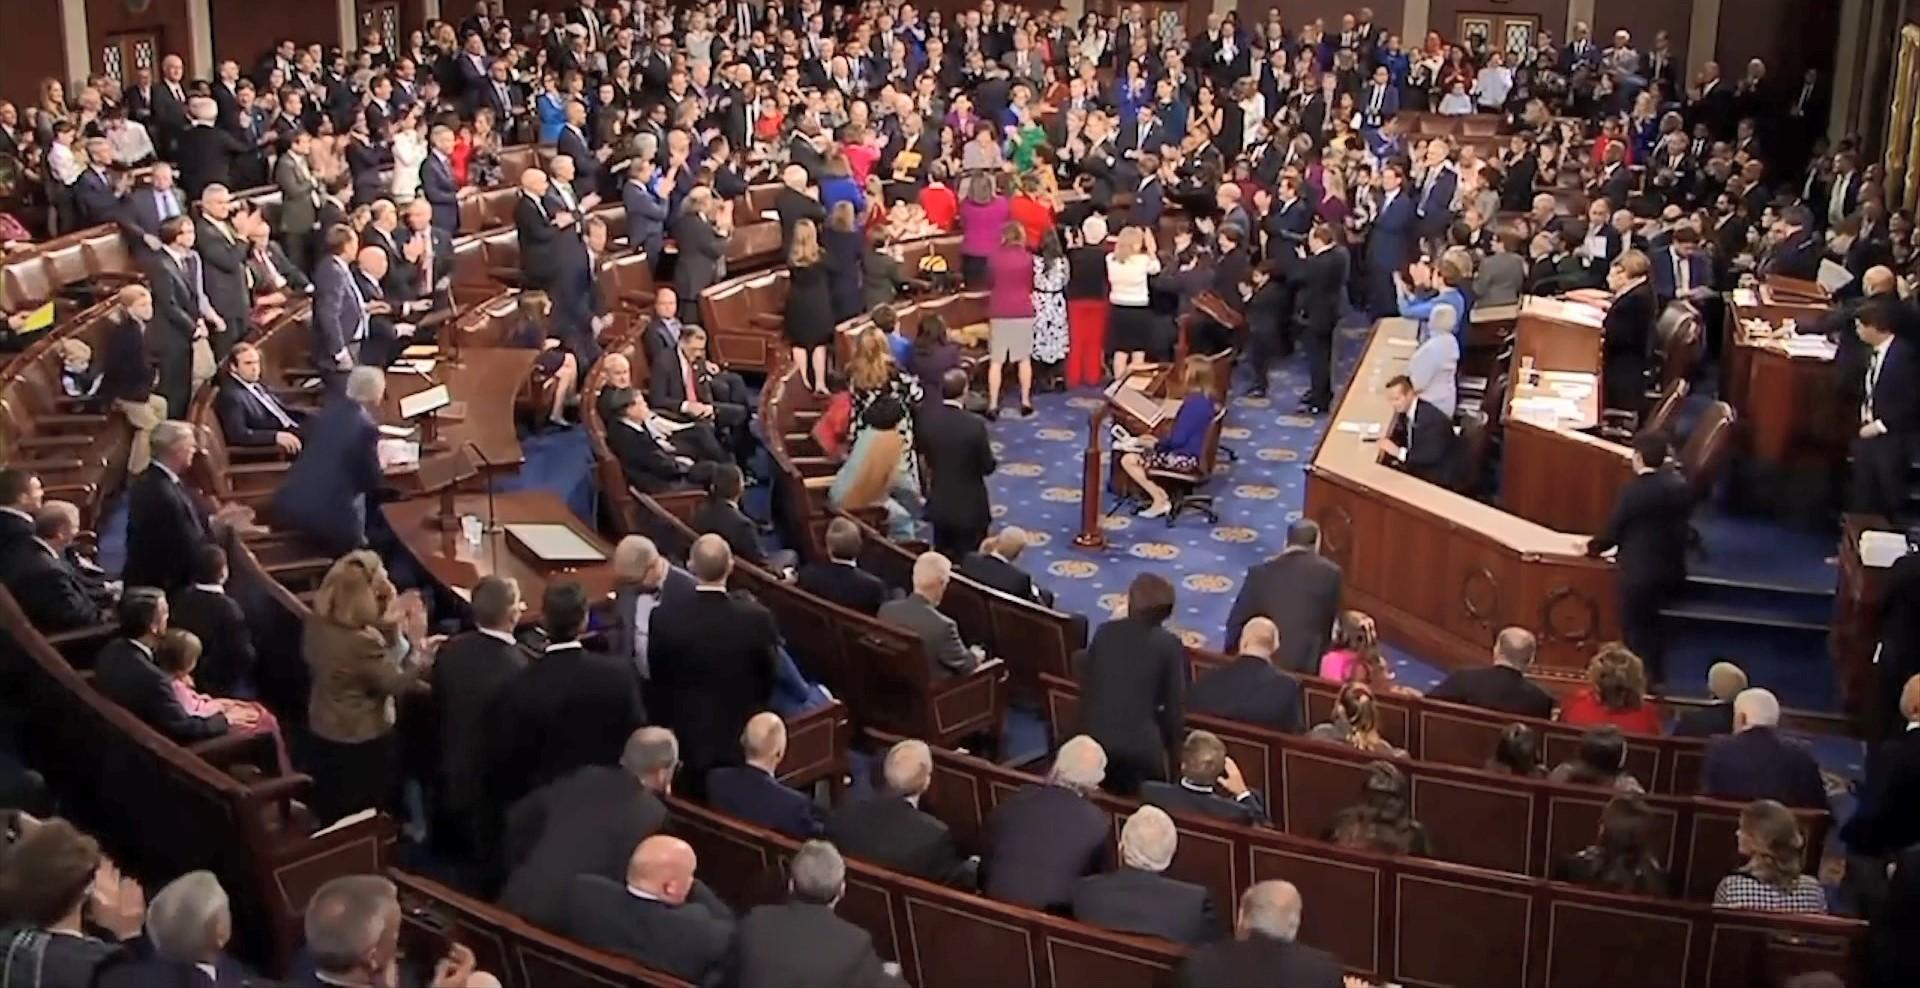 Arrihet në Kongresin Amerikan marrëveshja për të shmangur një shutdown të ri